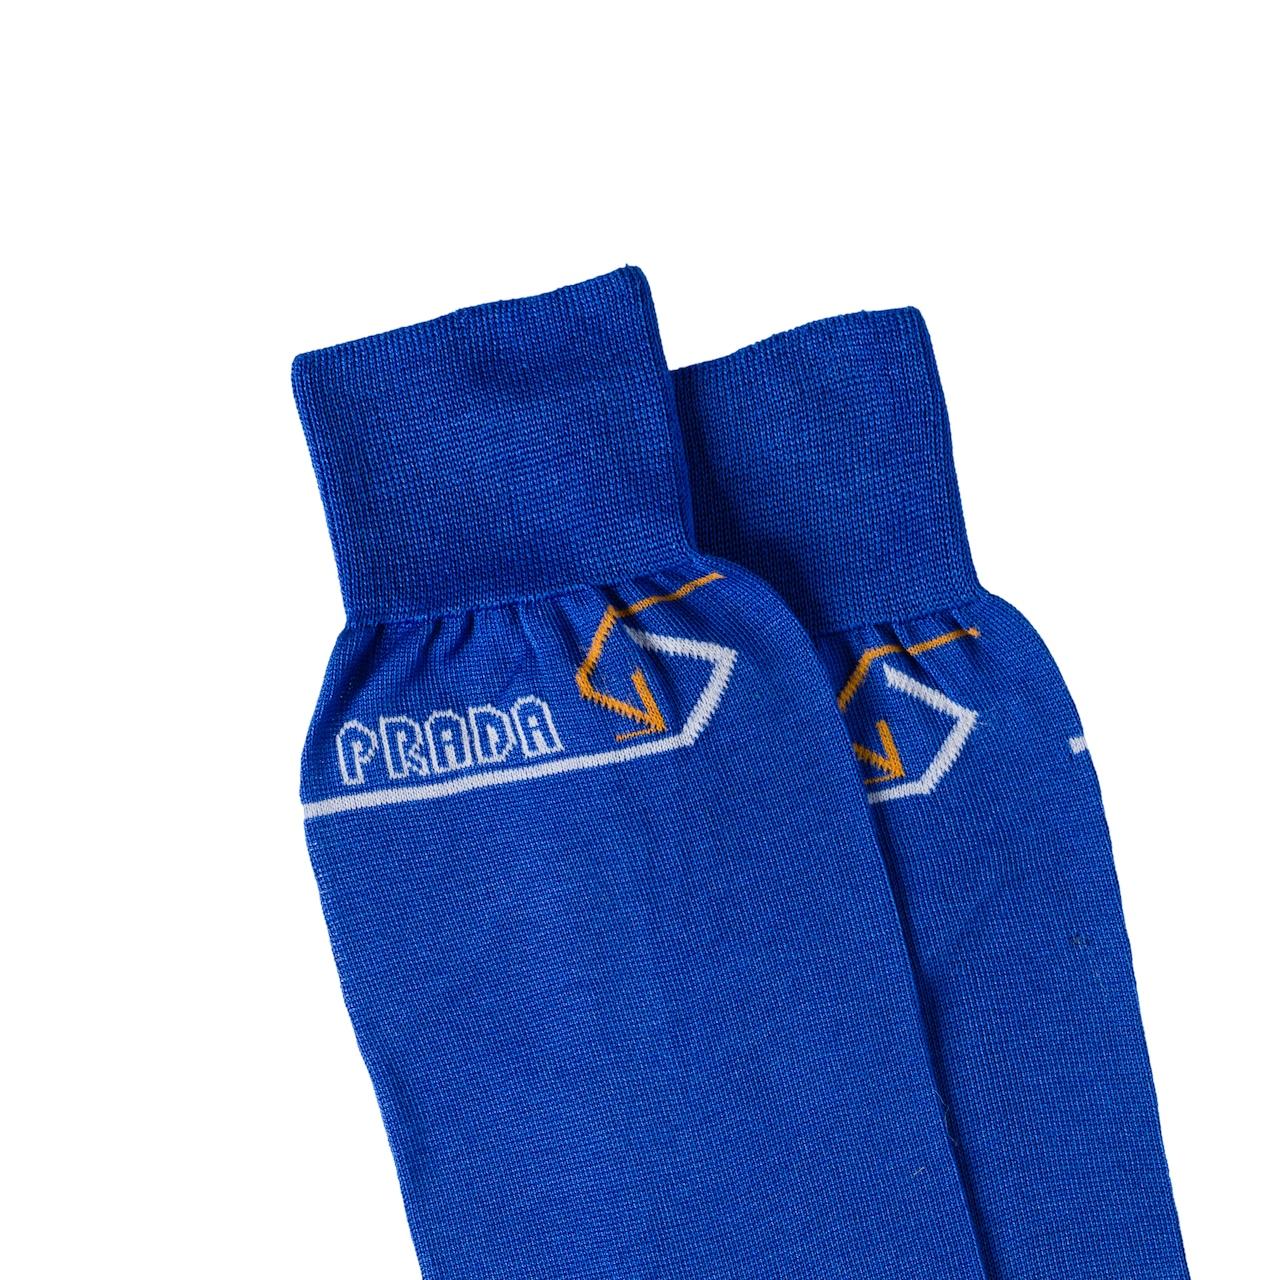 Lisle cotton socks